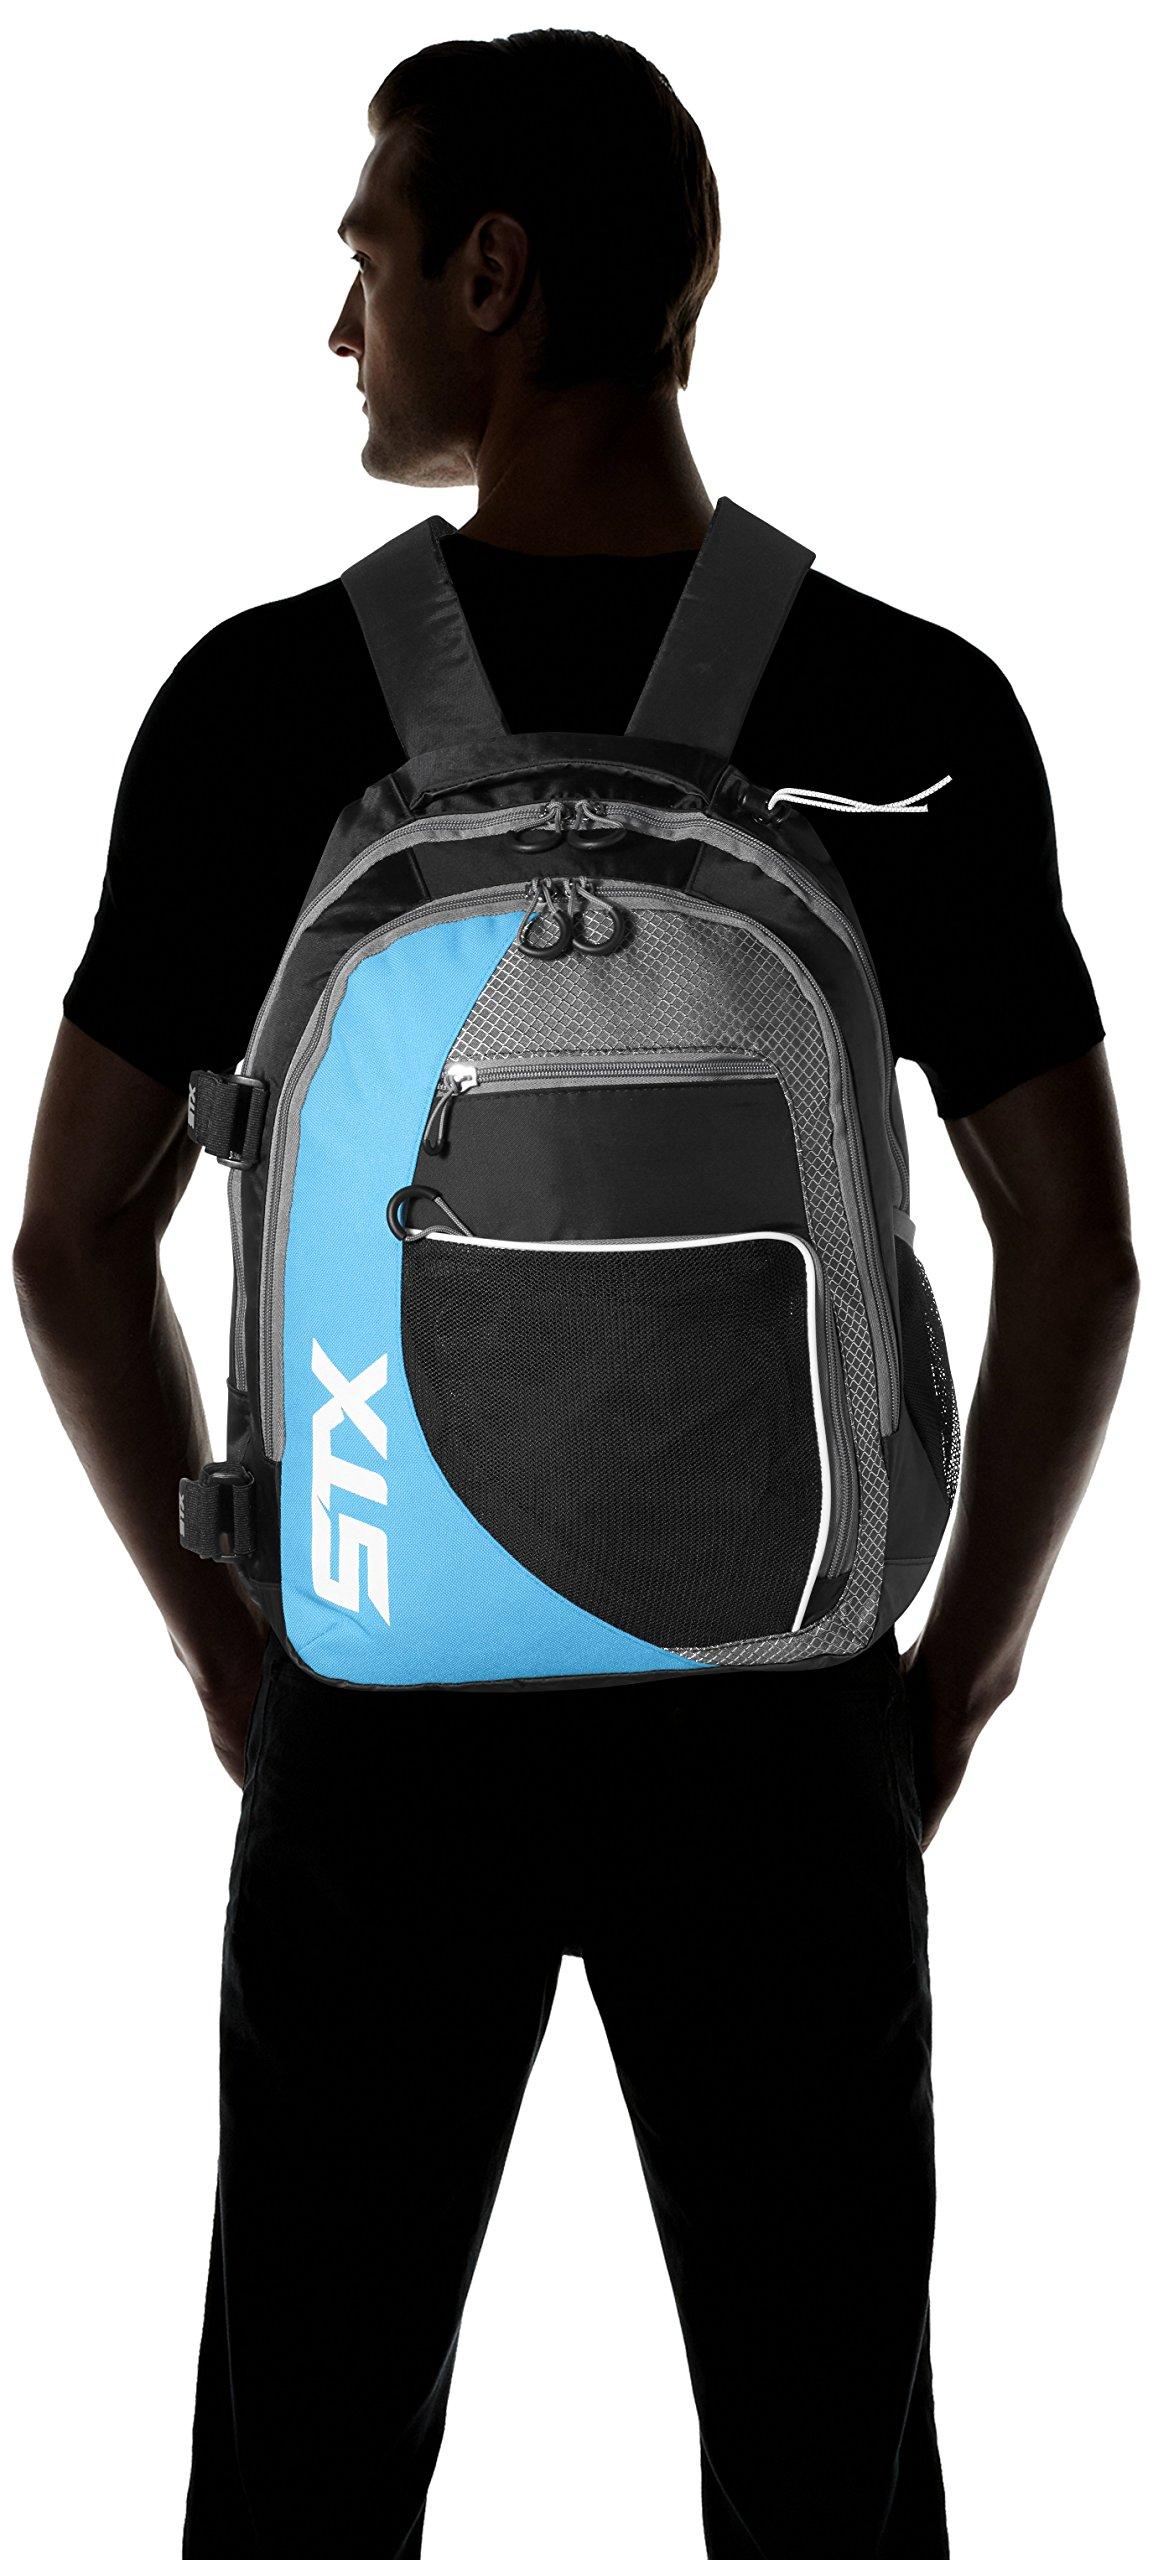 STX Lacrosse Sidewinder Lacrosse Backpack, Black/Columbia by STX (Image #4)